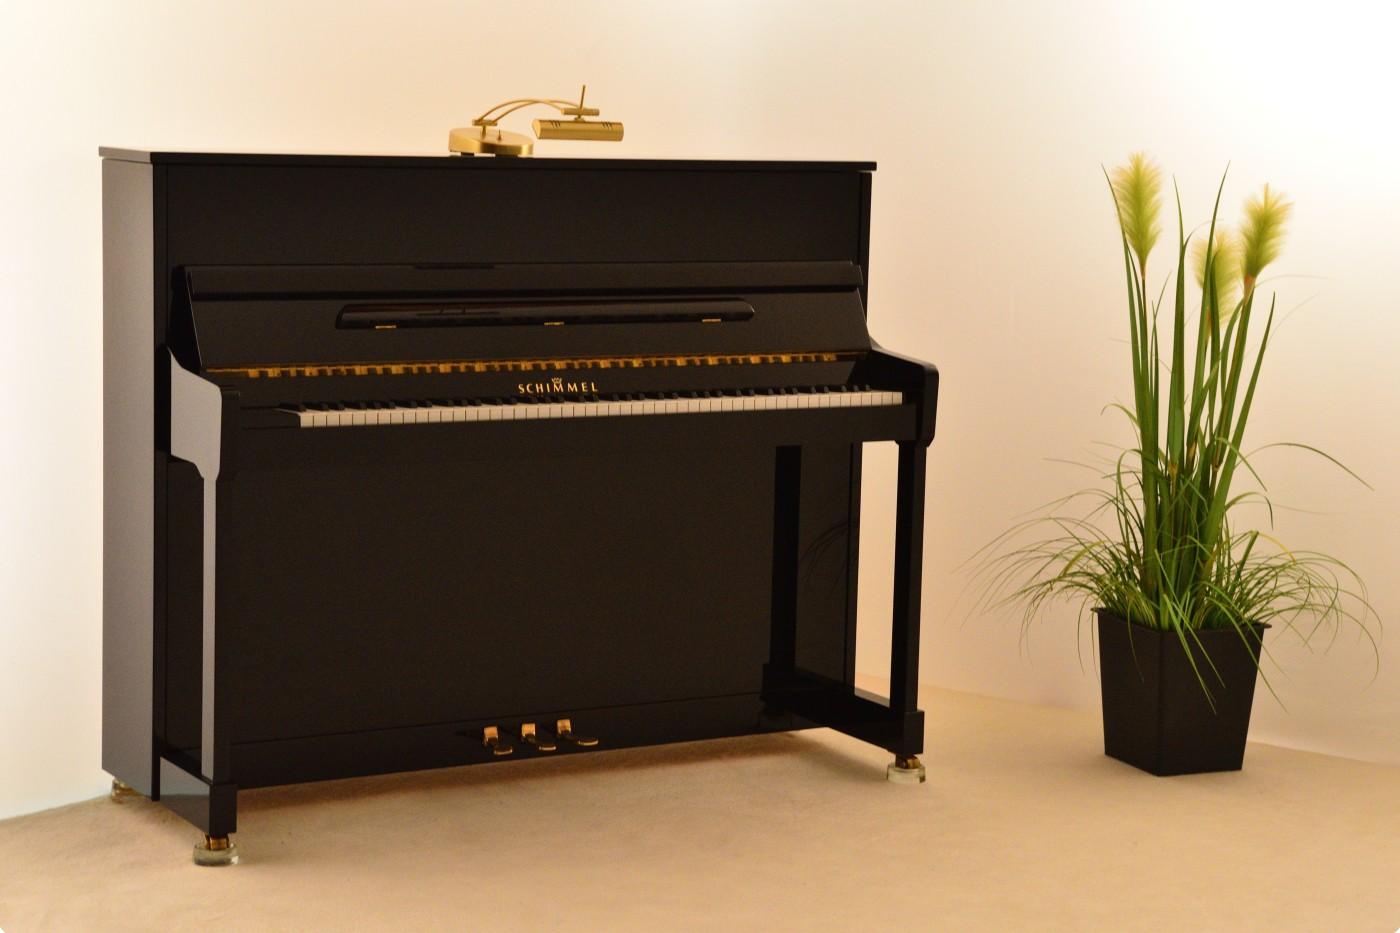 schimmel klavier weiss gebraucht schimmel klavier. Black Bedroom Furniture Sets. Home Design Ideas